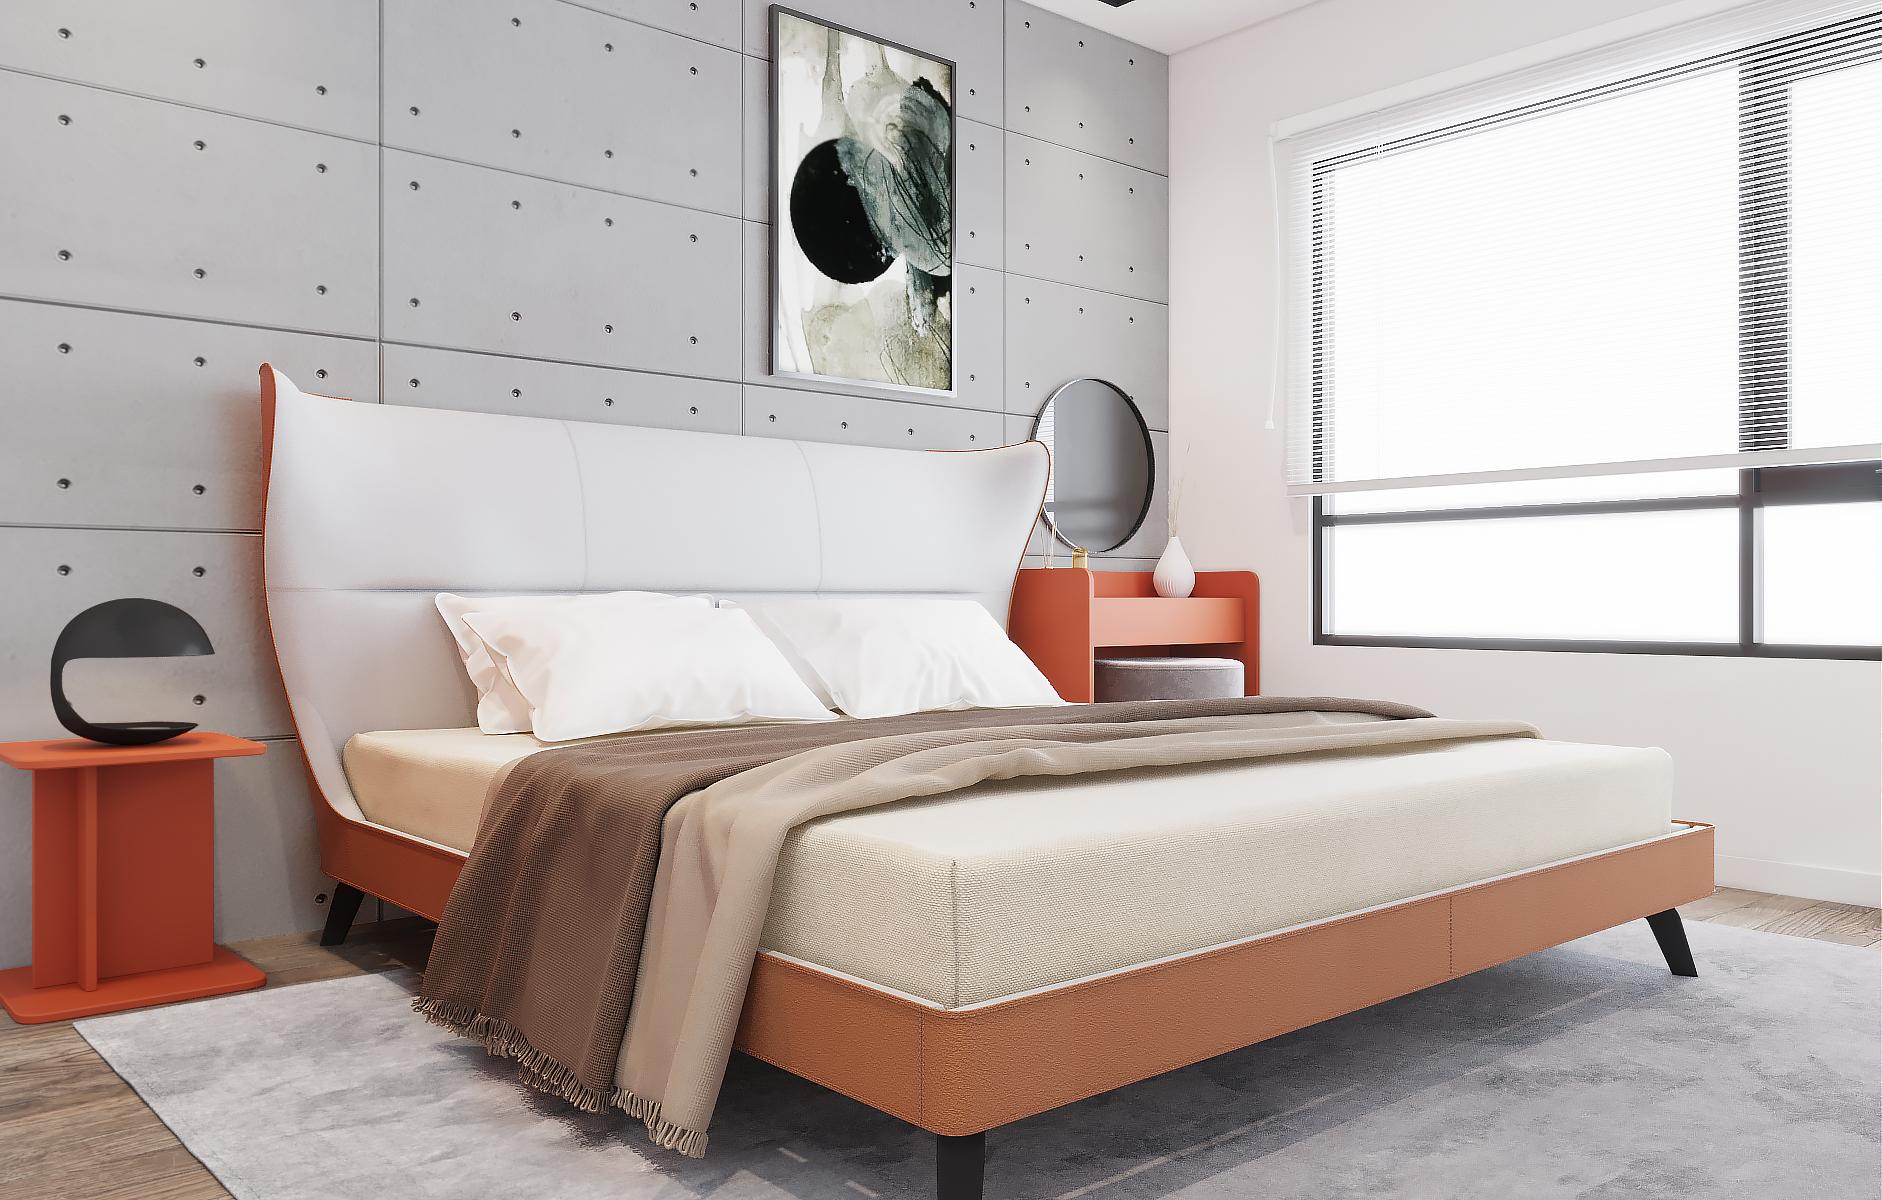 Giường sở hữu thiết kế khá độc lạ, mang lại cho người dùng cảm giác nghỉ ngơi tuyệt vời.